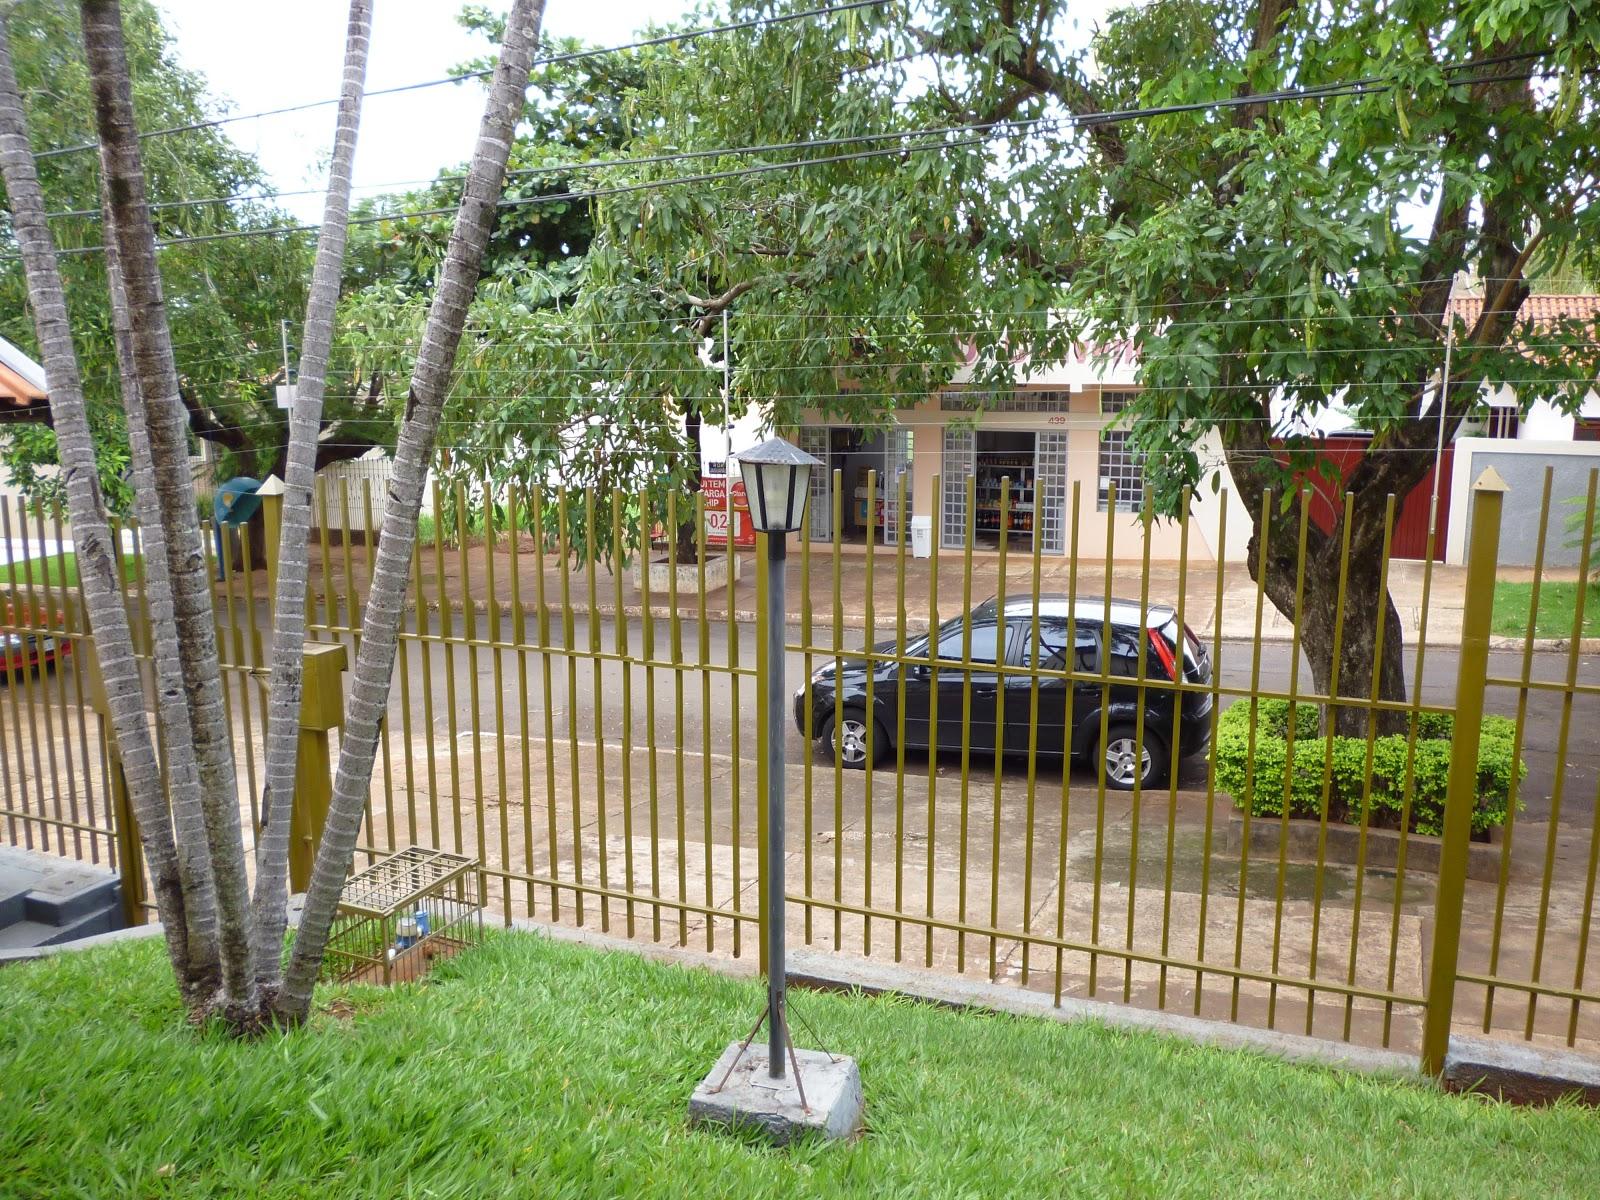 #614925  APTº A VENDA !!! *** *** Em Campo Grande MS.*** : ENTRADA EXTERNA 1030 Portas E Janelas De Aluminio Campo Grande Ms